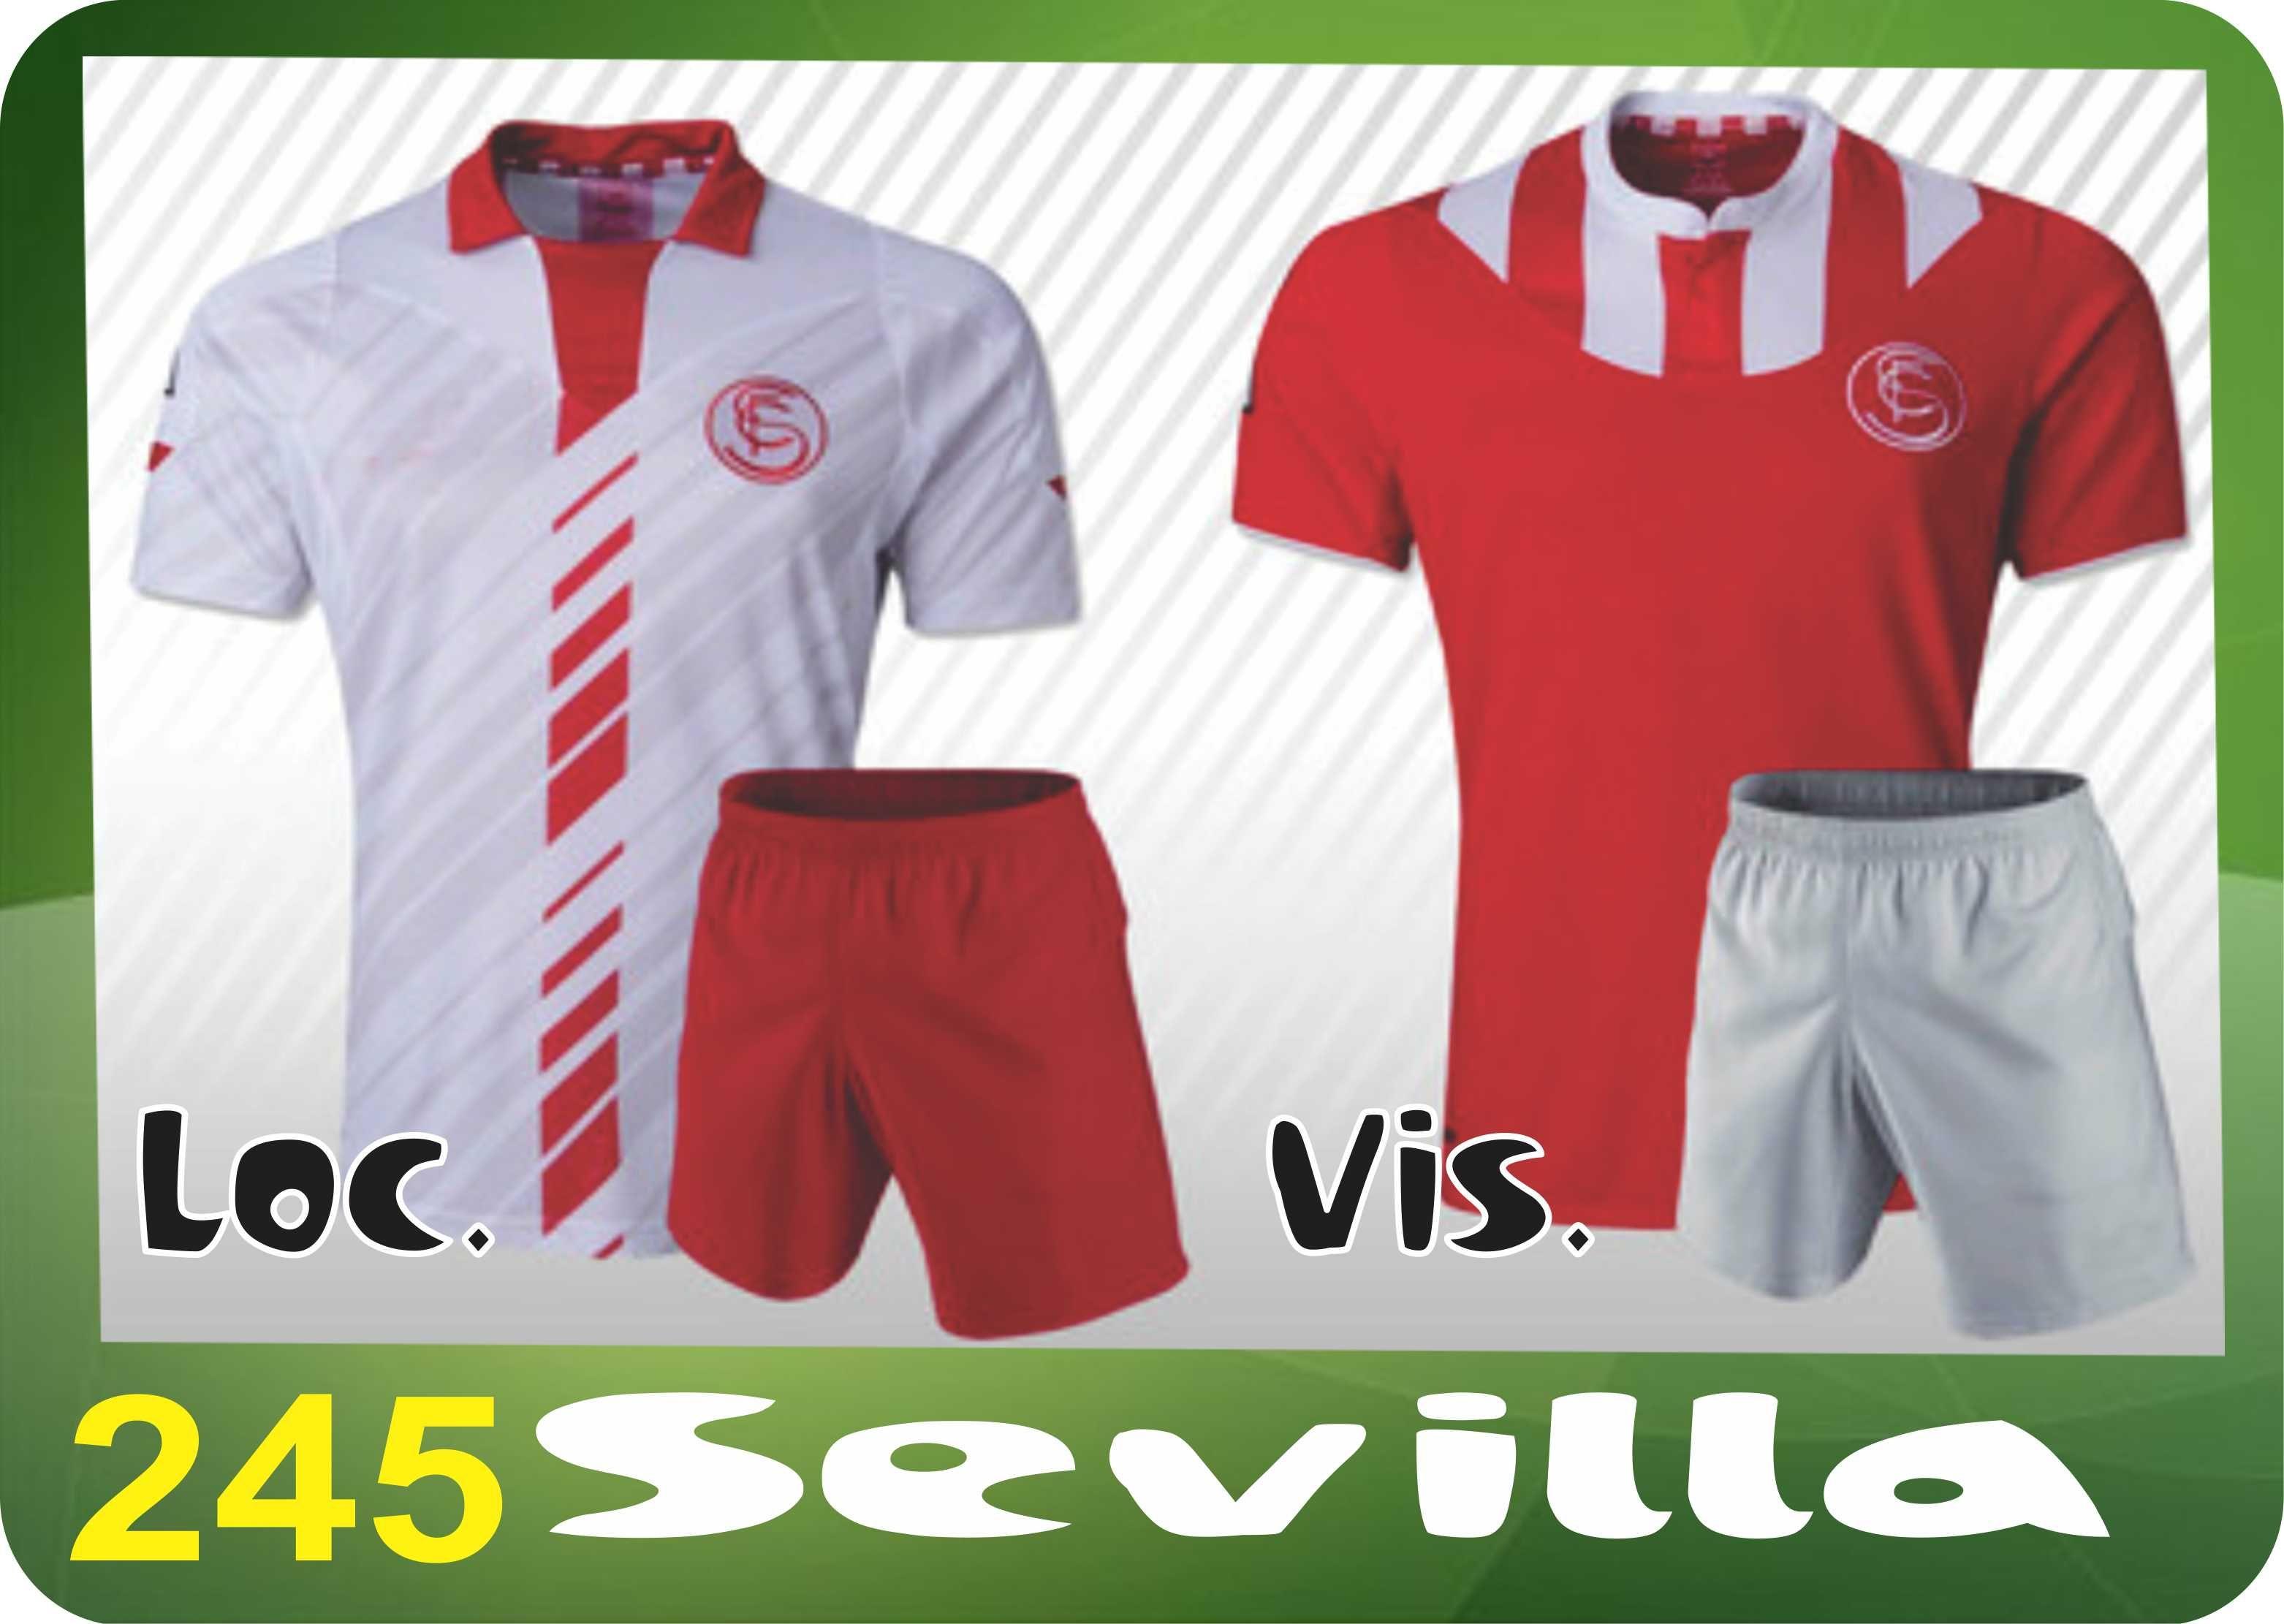 UNIFORME SOCCER DRI FIT Mod 245 SEVILLA Uniformes Futbol Soccer DRI FIT  SPORTIVA Sobre 2d01338fef1ac